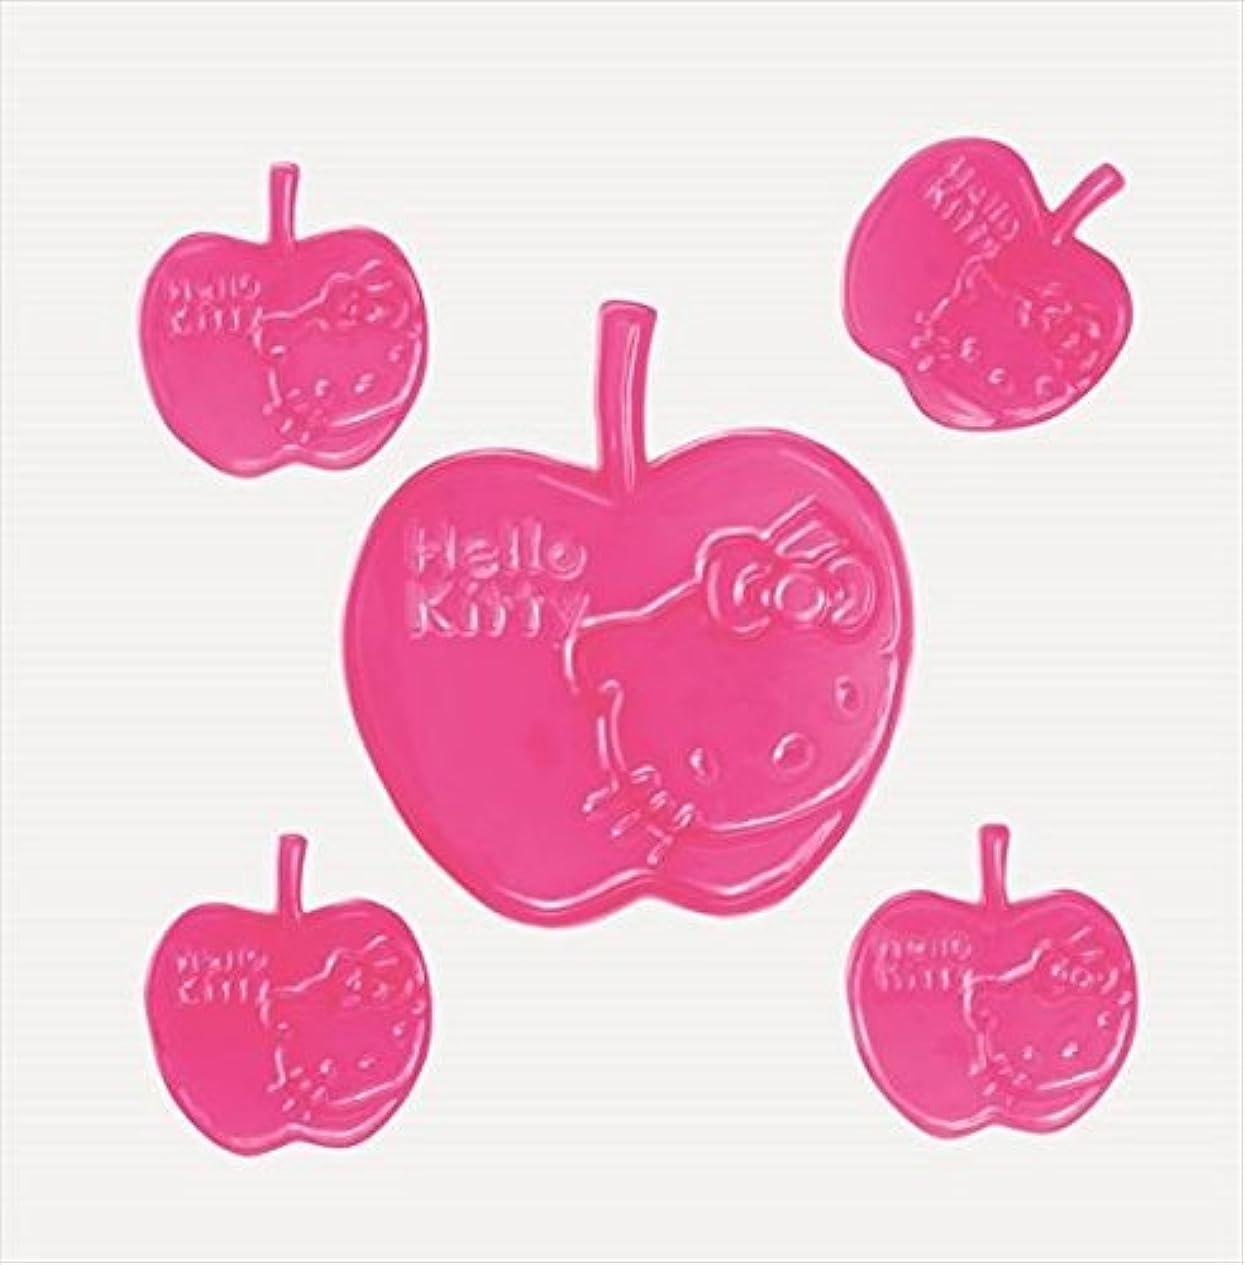 時制単位現れるGelGems(ジェルジェム) ジェルジェムハローキティバッグS 「 ピンクリンゴ 」 E1200002 キャンドル 200x255x5mm (E1200002)